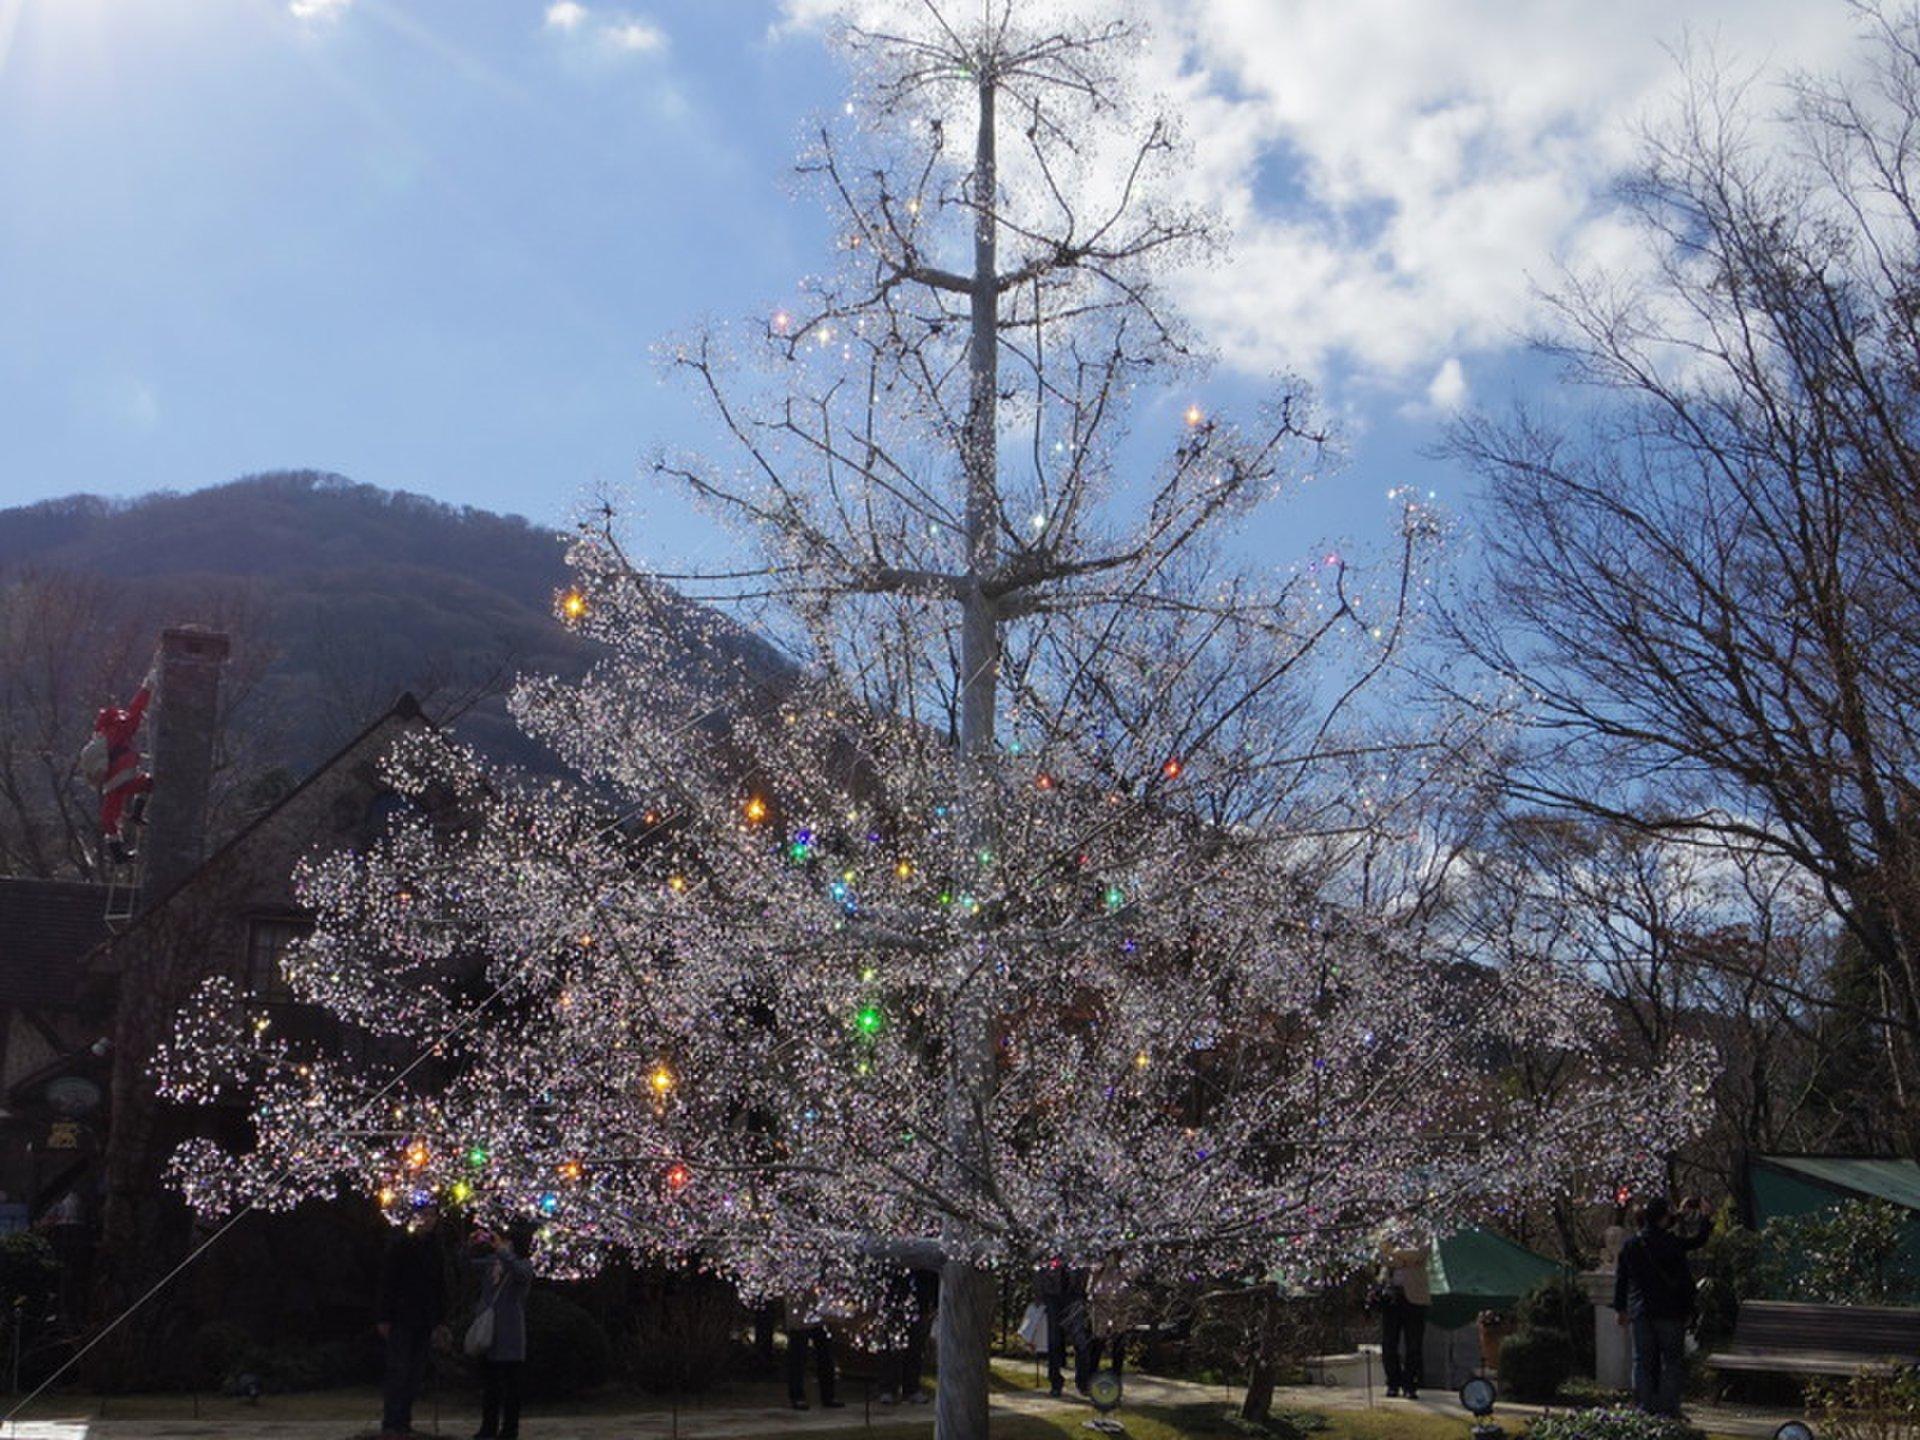 おすすめ箱根デートスポット!箱根ガラスの森ミュージアム&星の王子様ミュージアムへ!